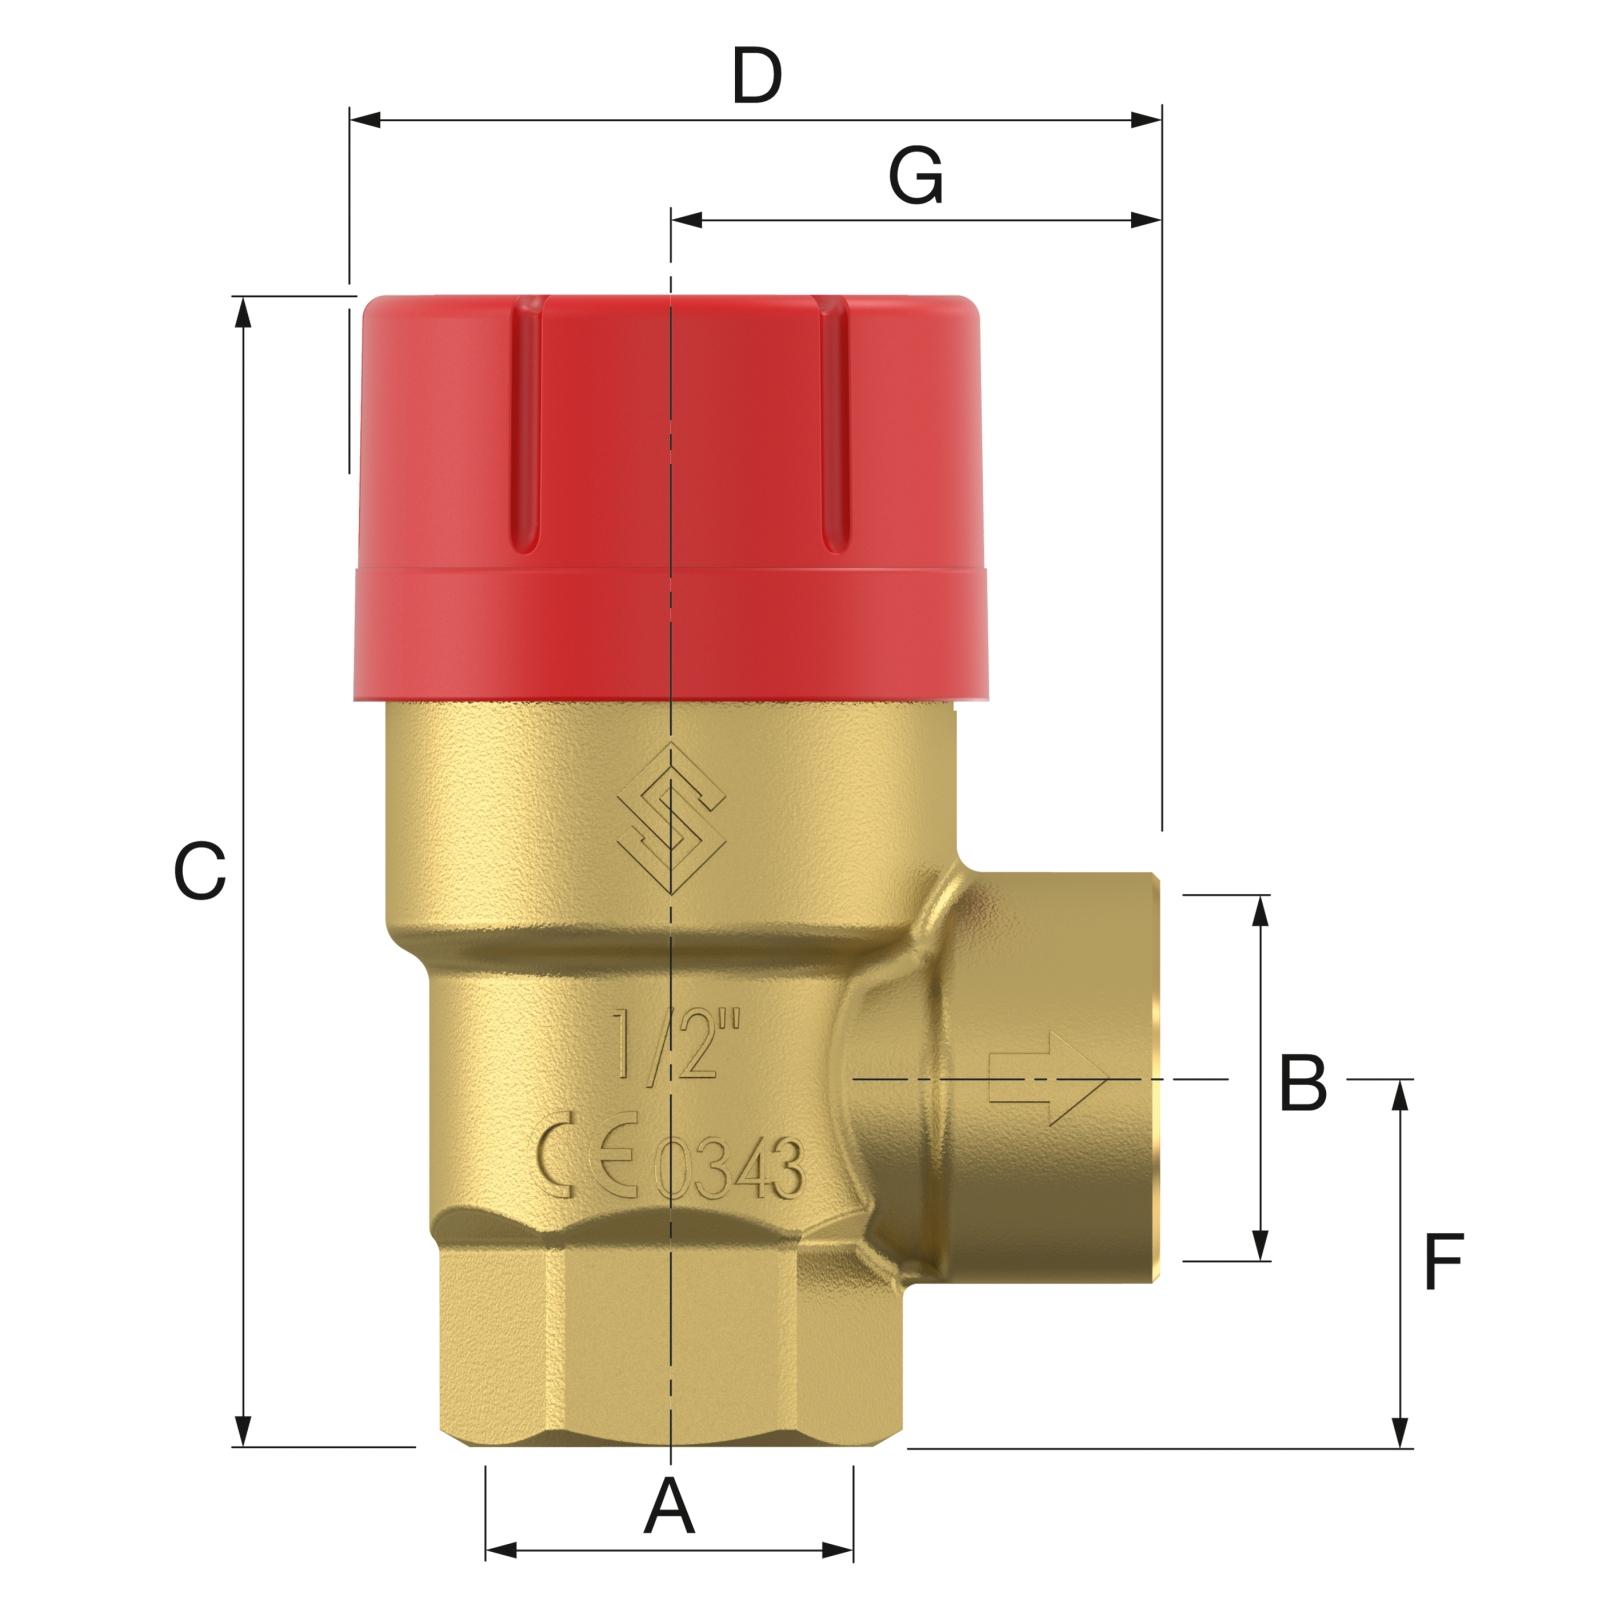 Flamco Prescor 3/4x3/4 - 3 bar Biztonsági szelep (27025) műszaki ábra